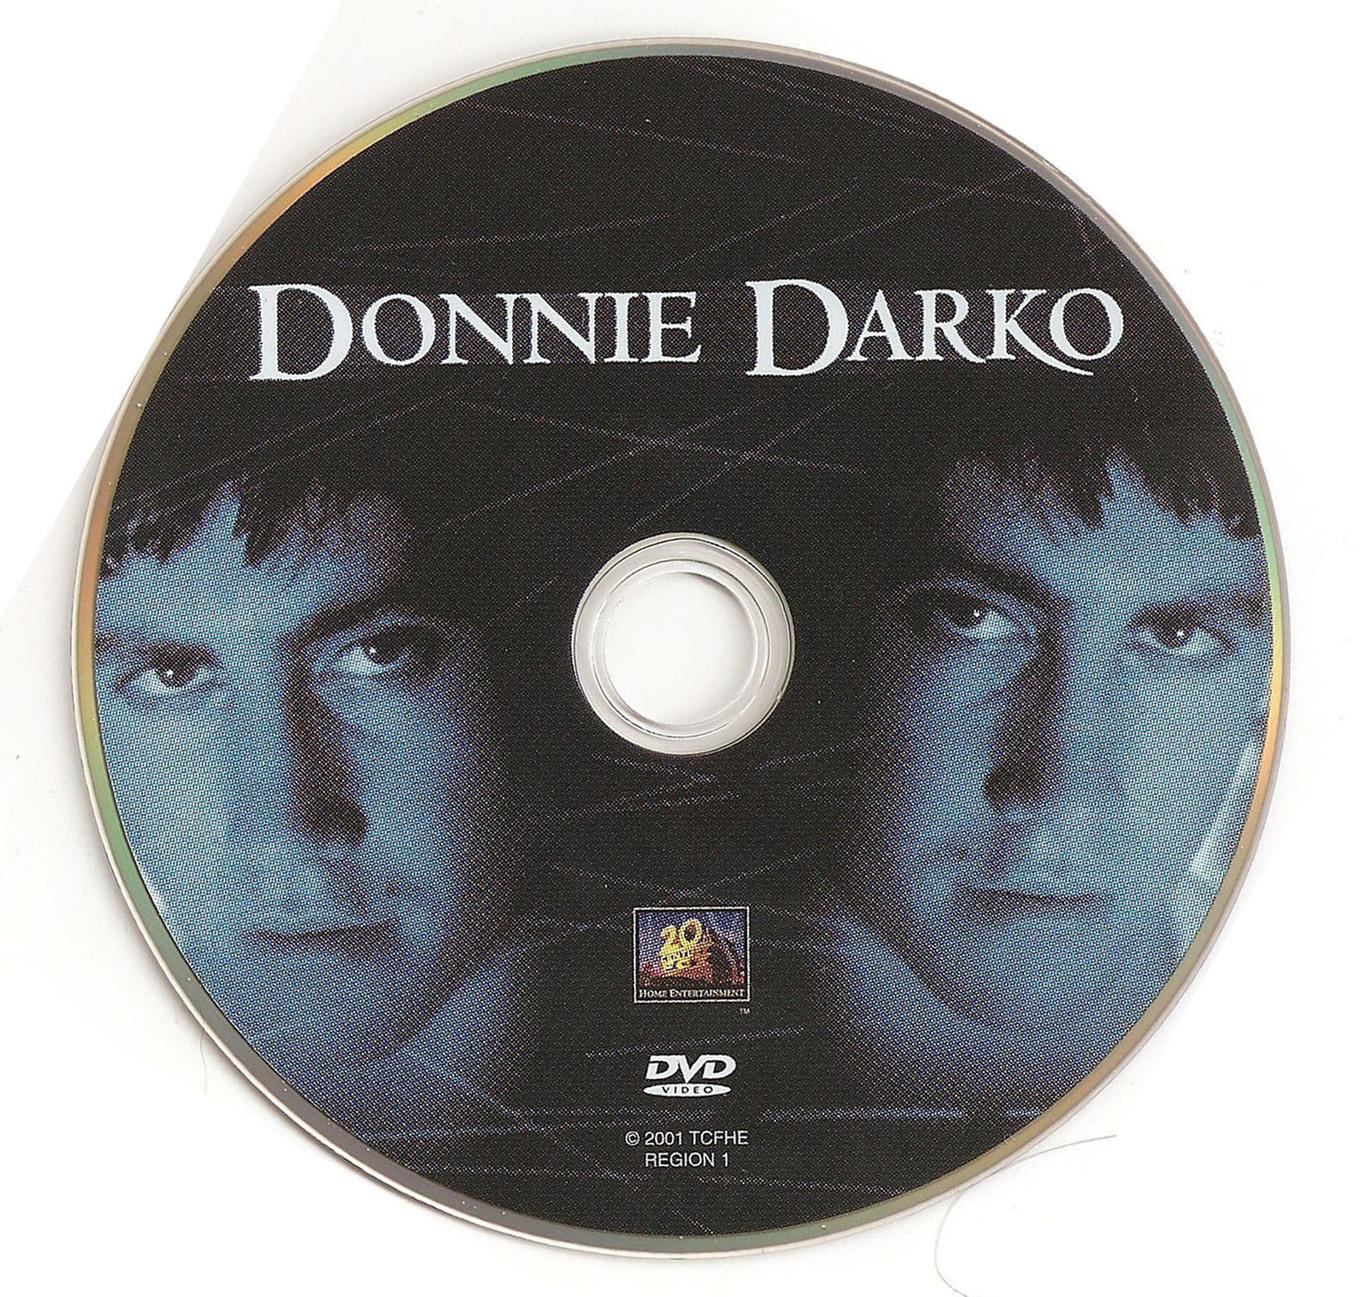 Donnie Darko DVD